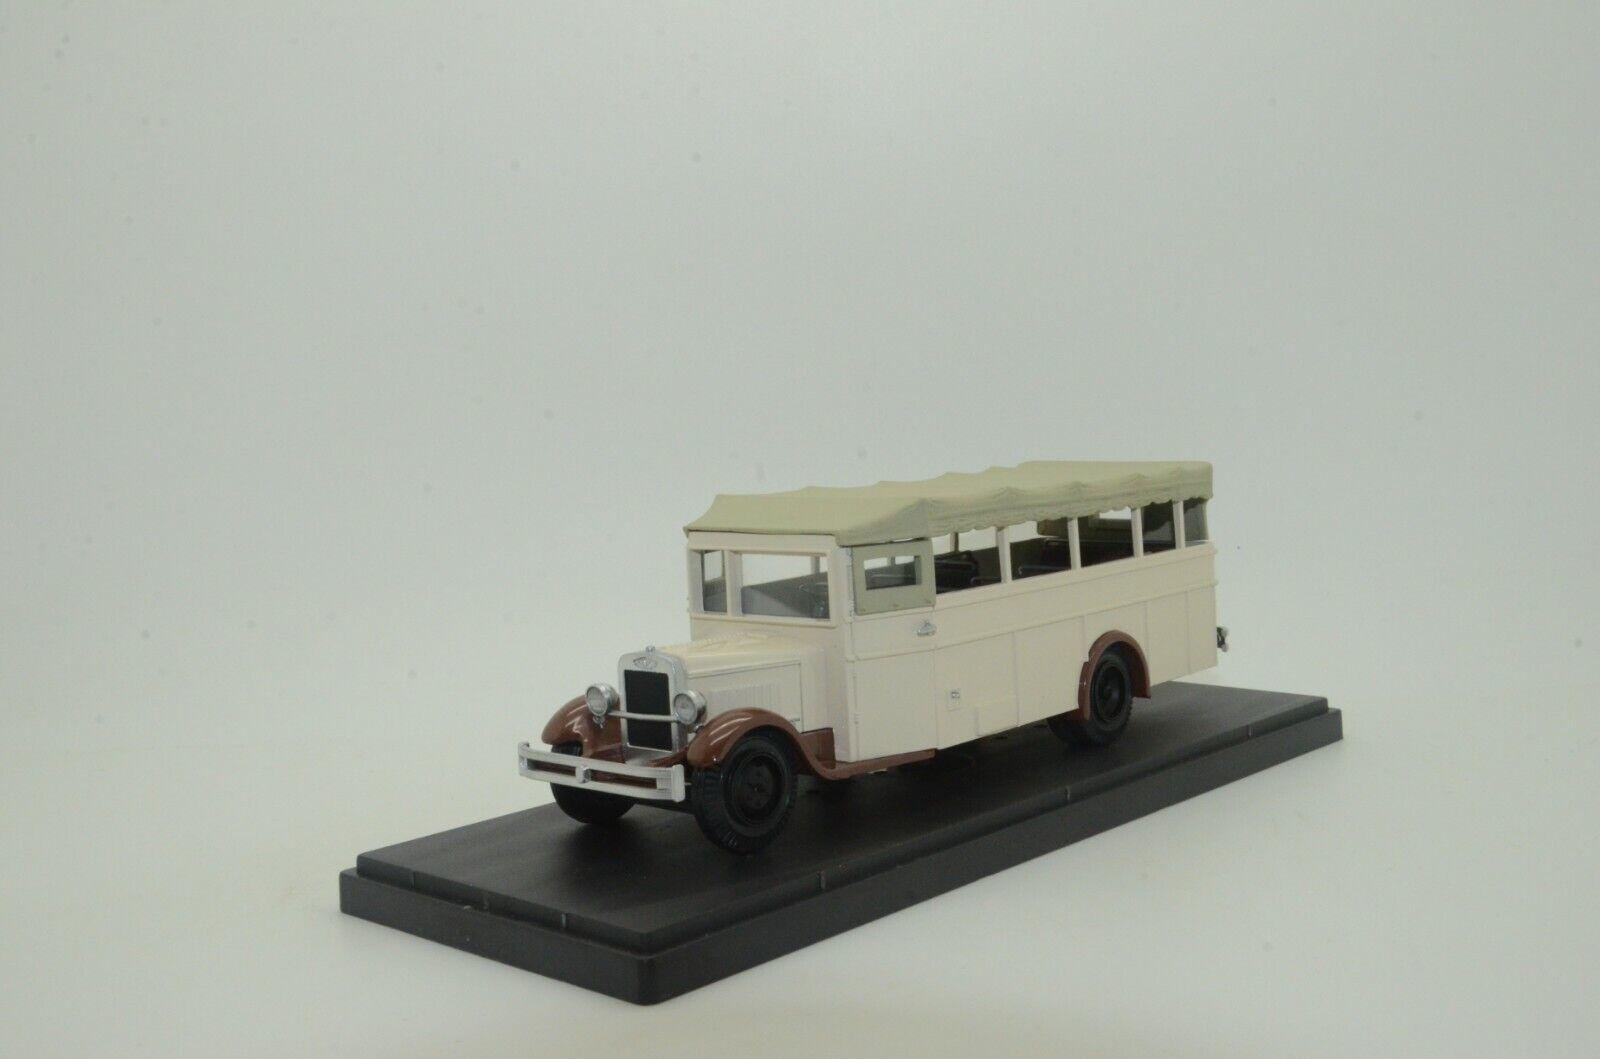 Rare     ZIS - 8 URSS Russie ouverte Bus miniclassic 1 43  jusqu'à 65% de réduction